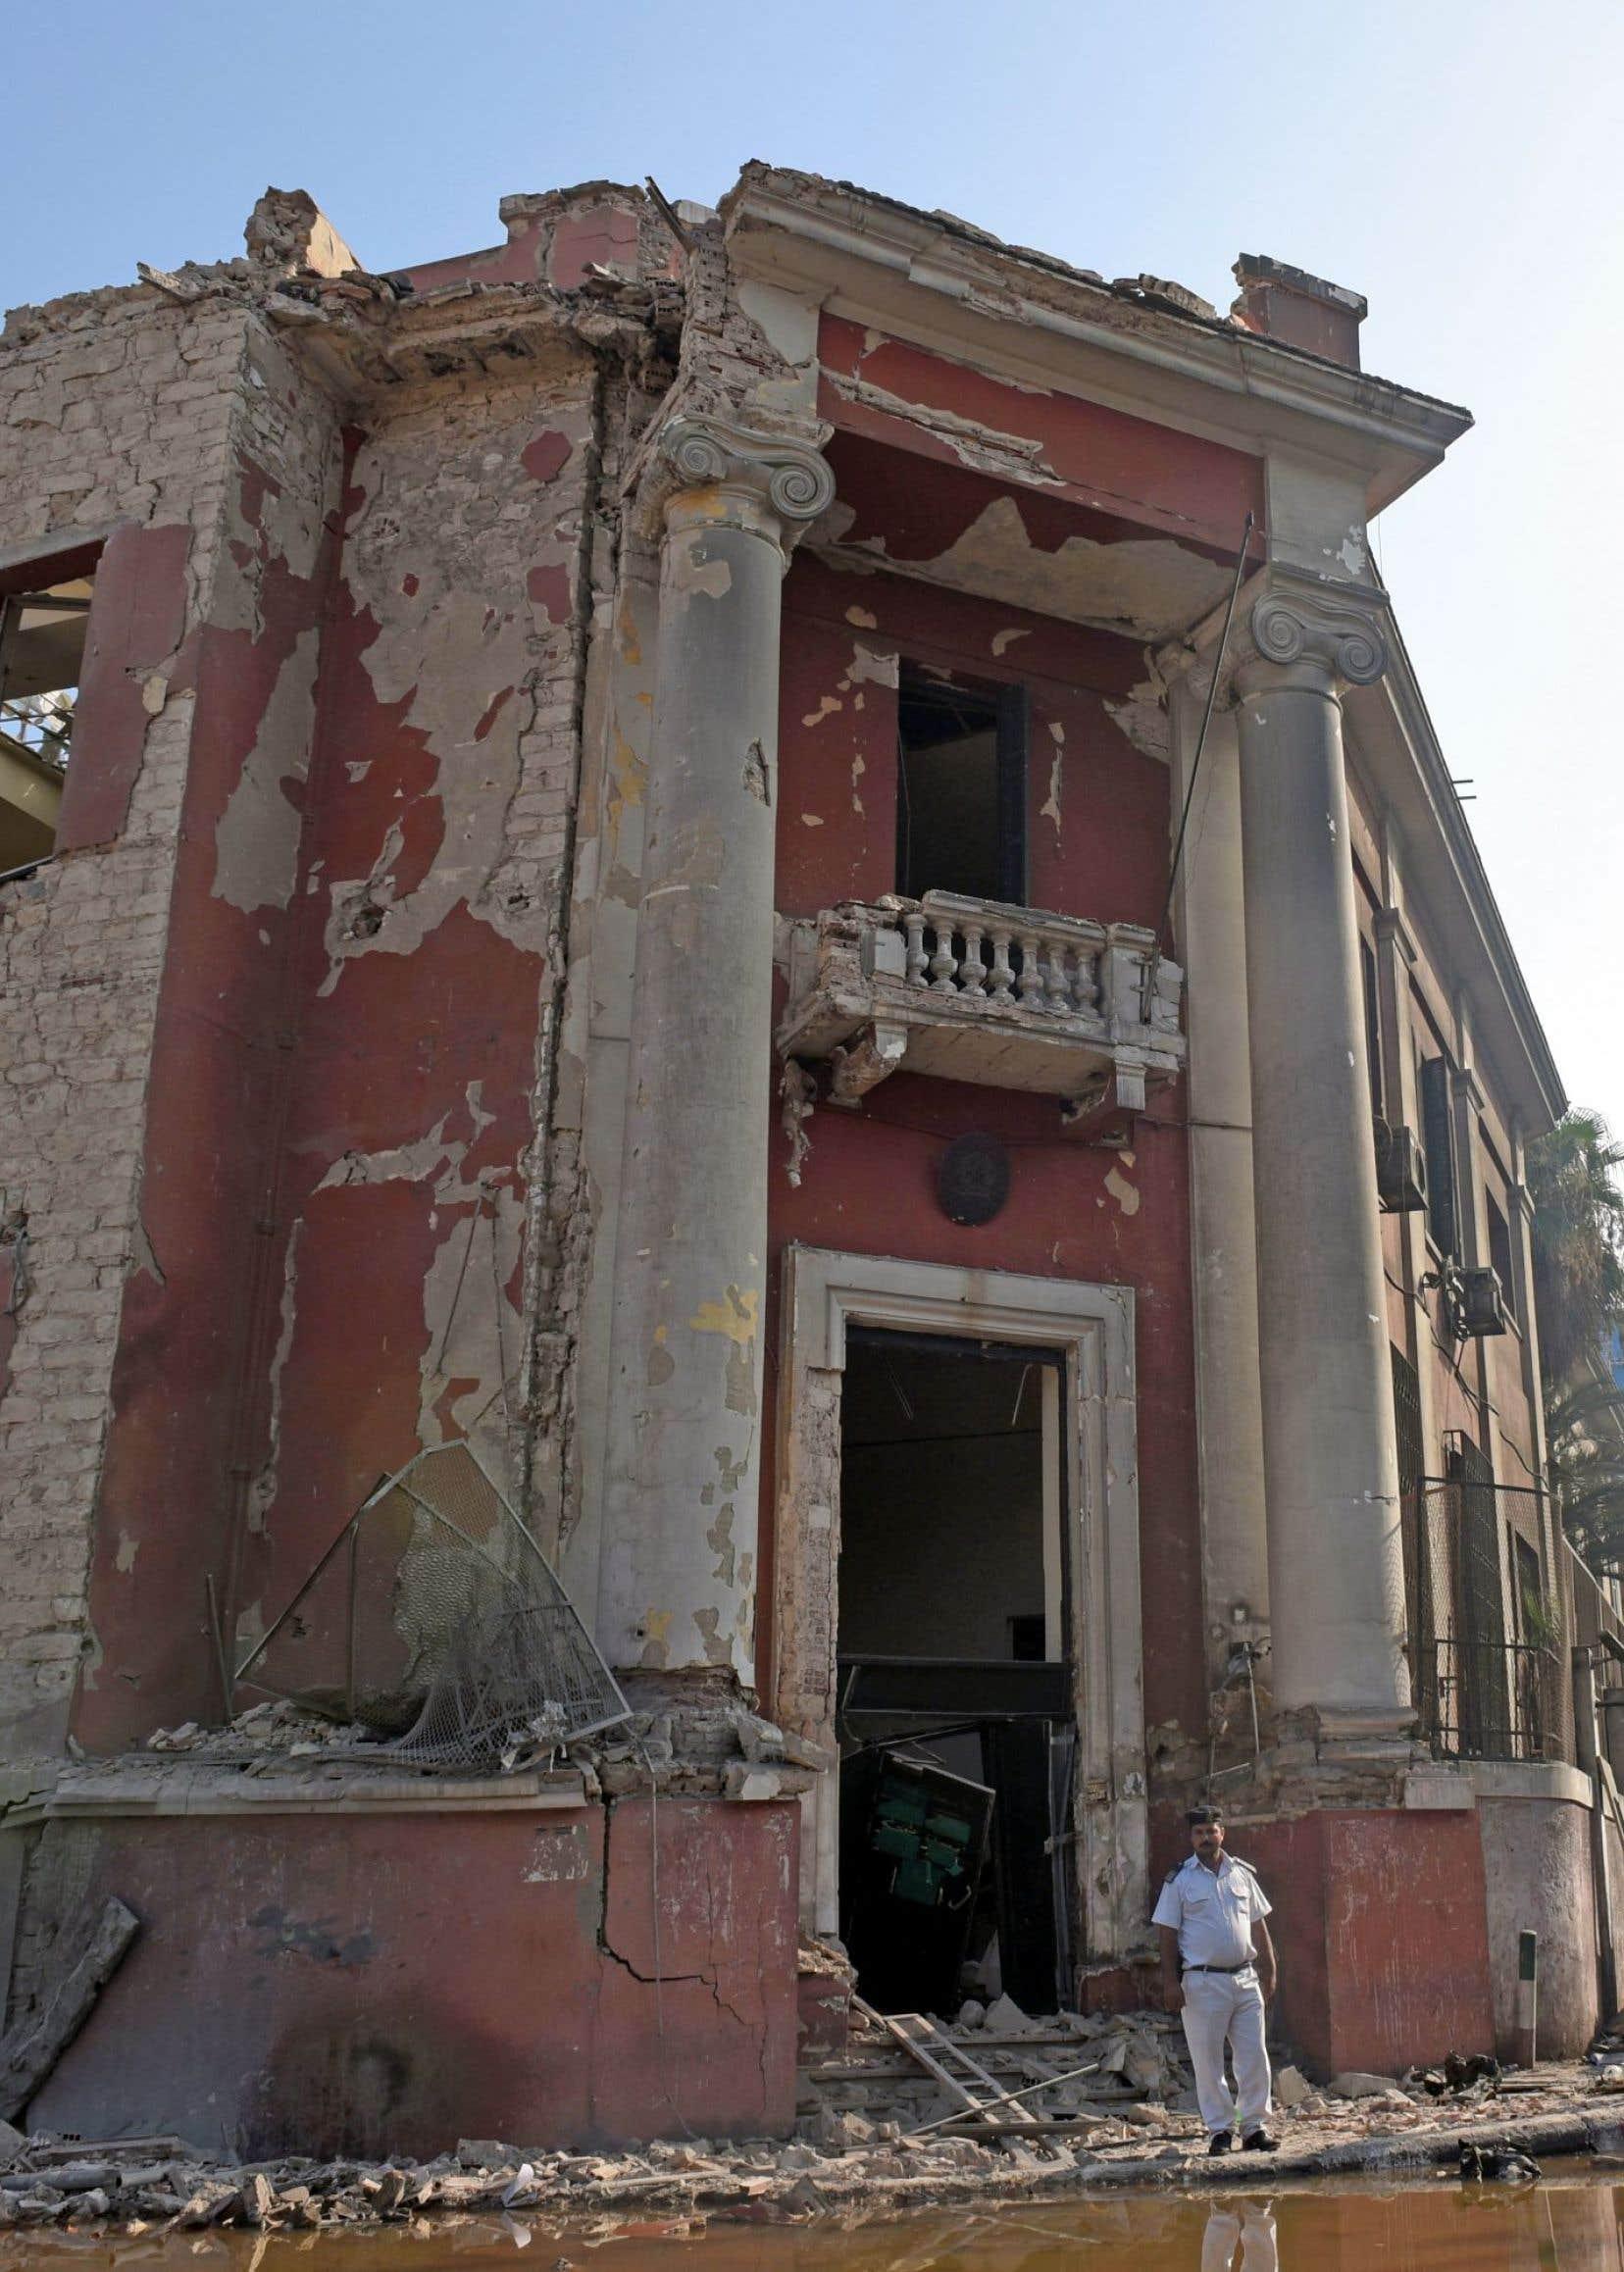 L'impressionnante déflagration, entendue à travers la capitale, a soufflé une partie de la façade du bâtiment duconsulat italien.